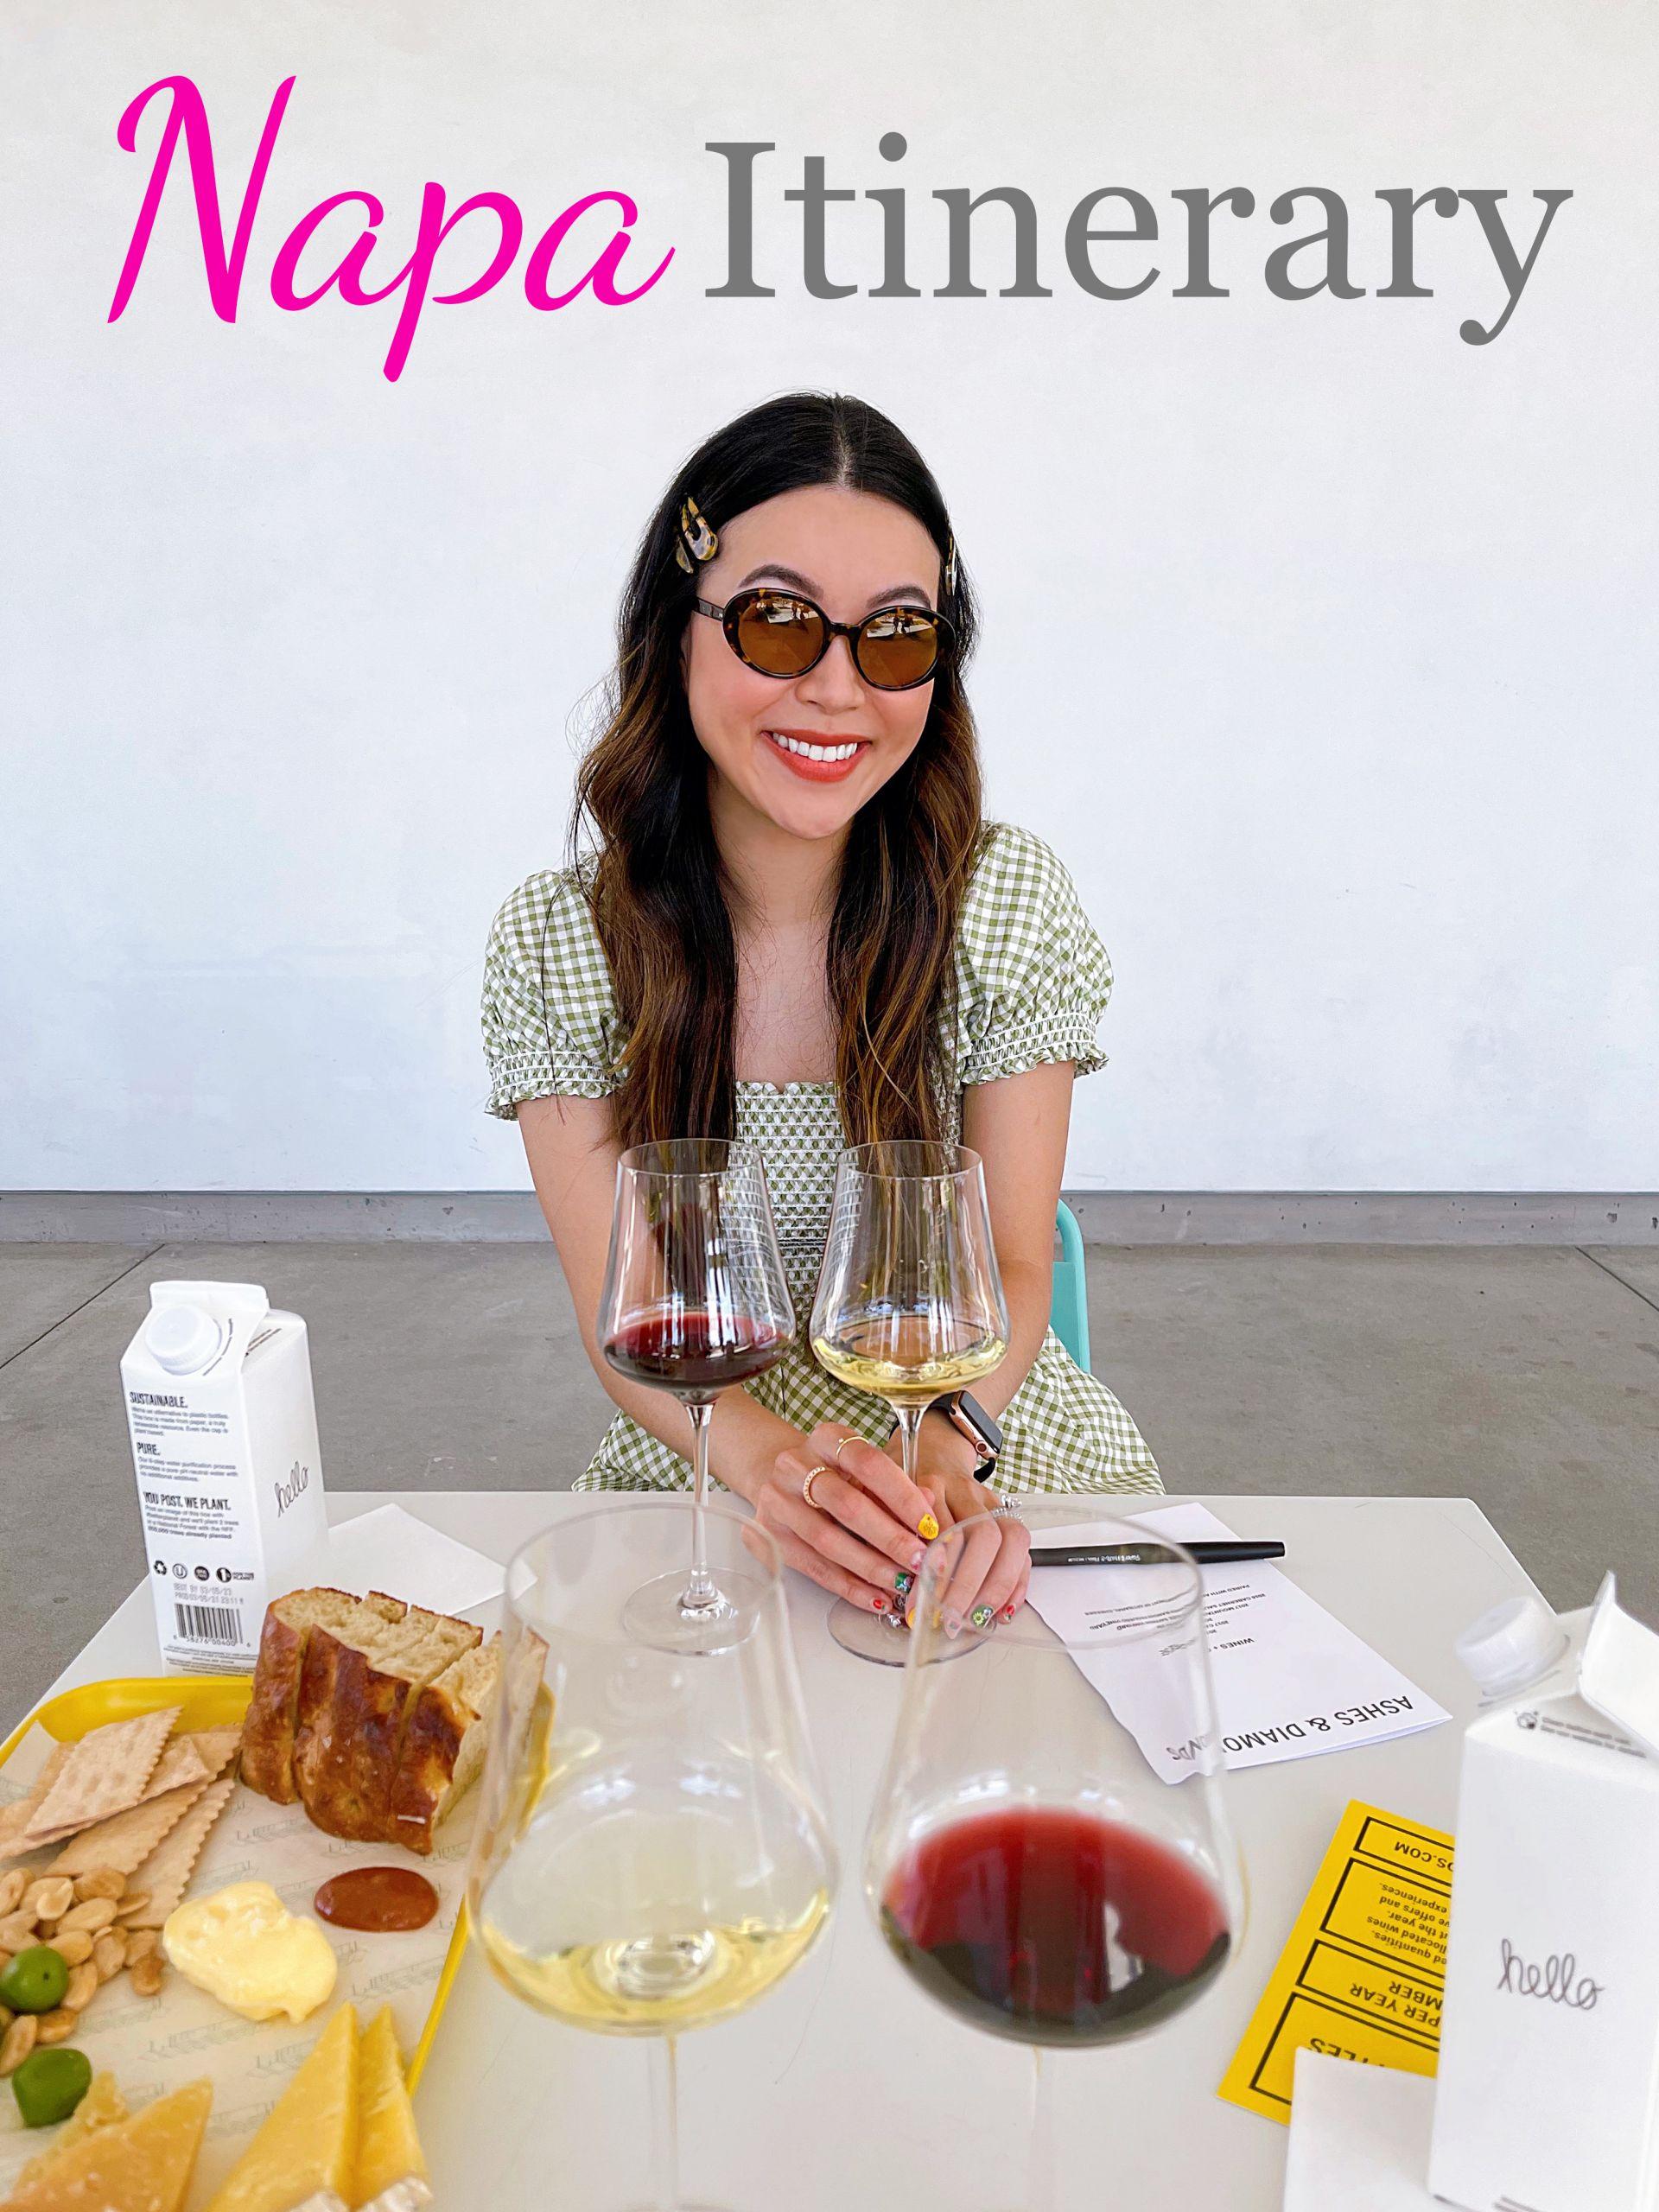 Napa weekend winery itinerary